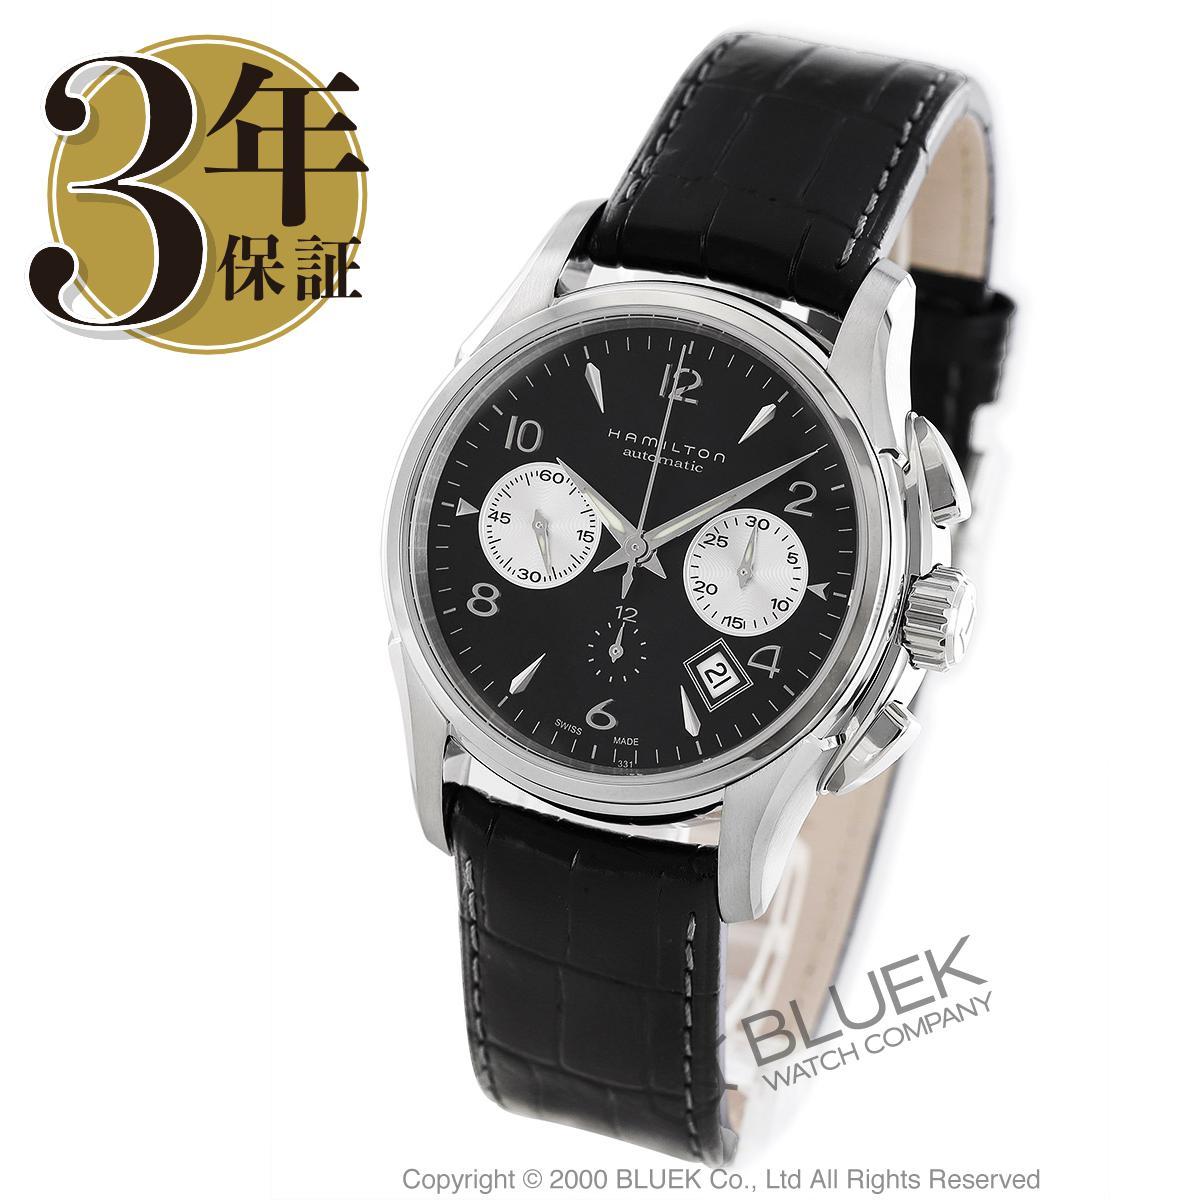 【最大3万円割引クーポン 11/01~】ハミルトン ジャズマスター オート クロノ クロノグラフ 腕時計 メンズ HAMILTON H32656833_8